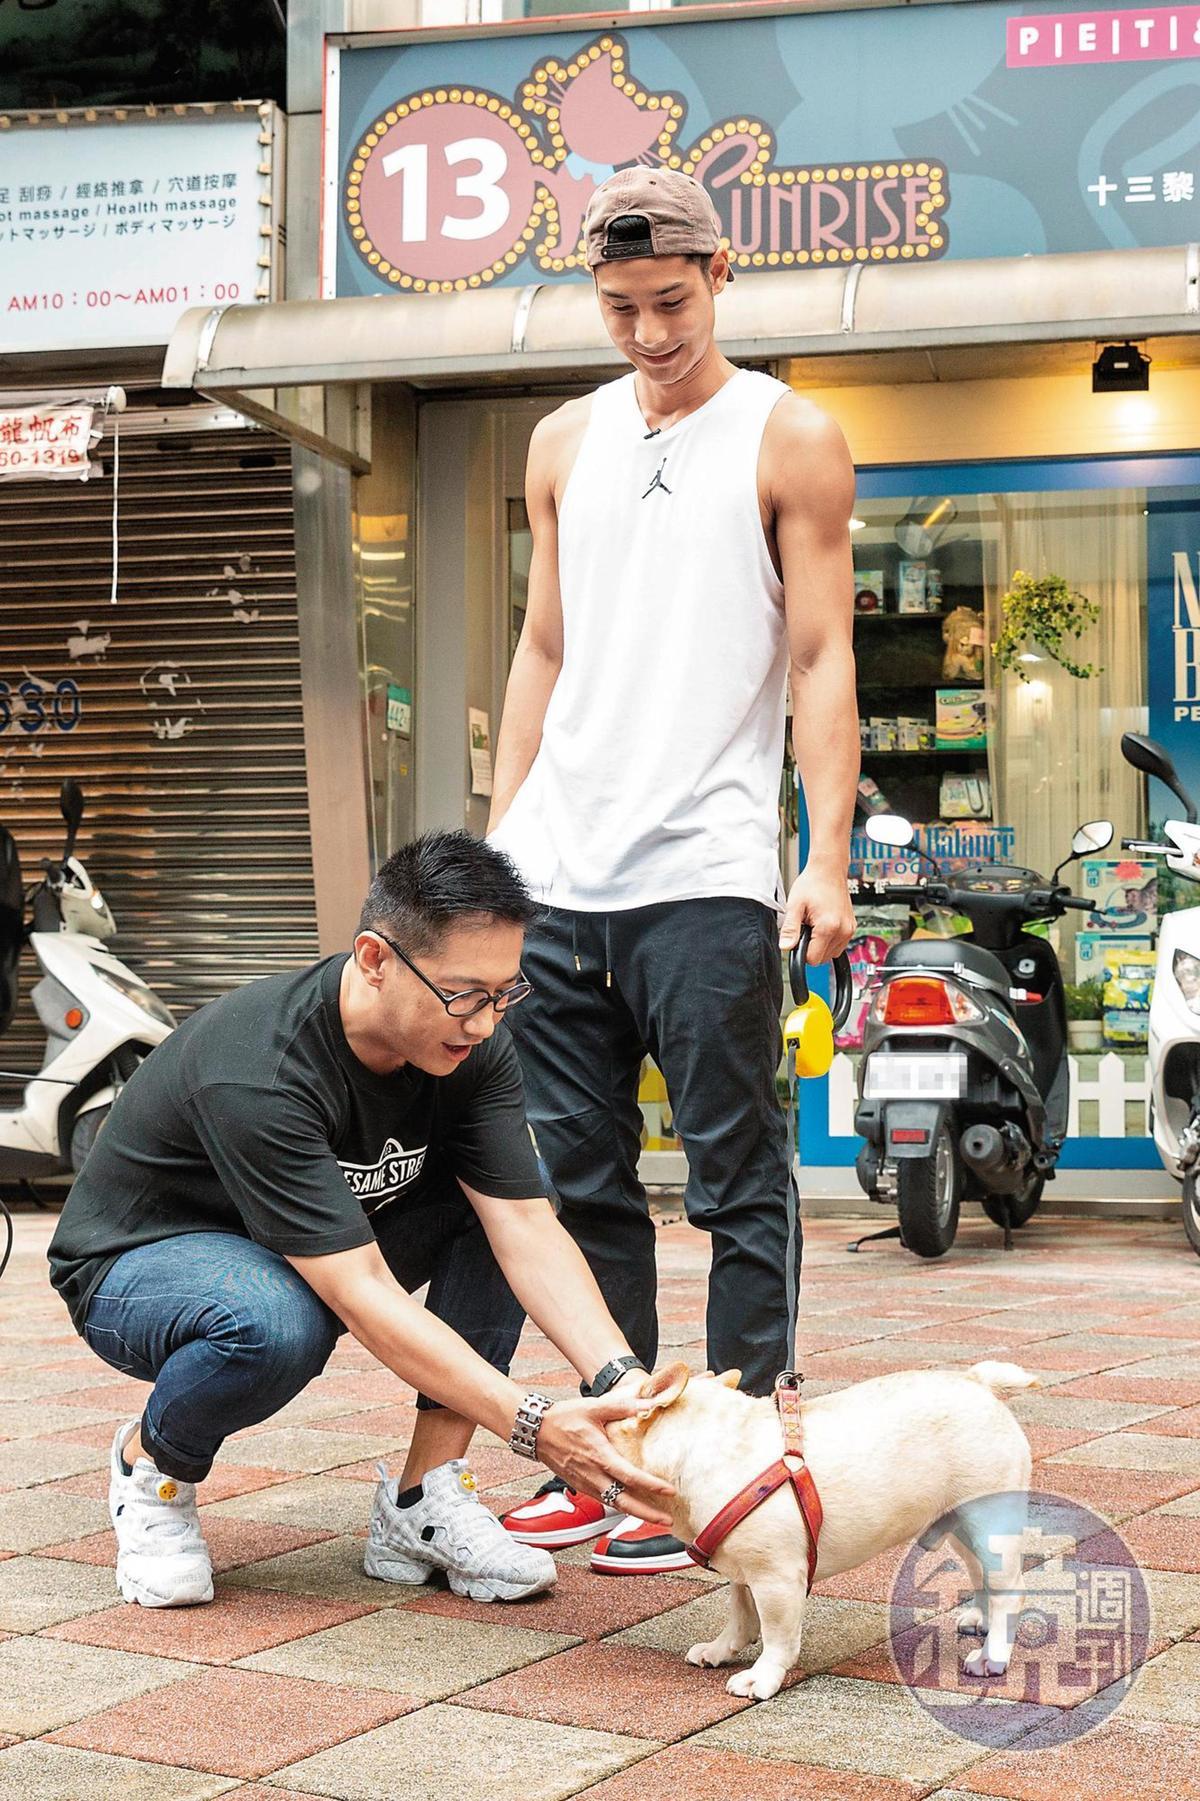 李信恩帶著鄭凱跟毛孩努努來到「13 Sunrise 愛心寵物精品店」,準備為努努添購物品。